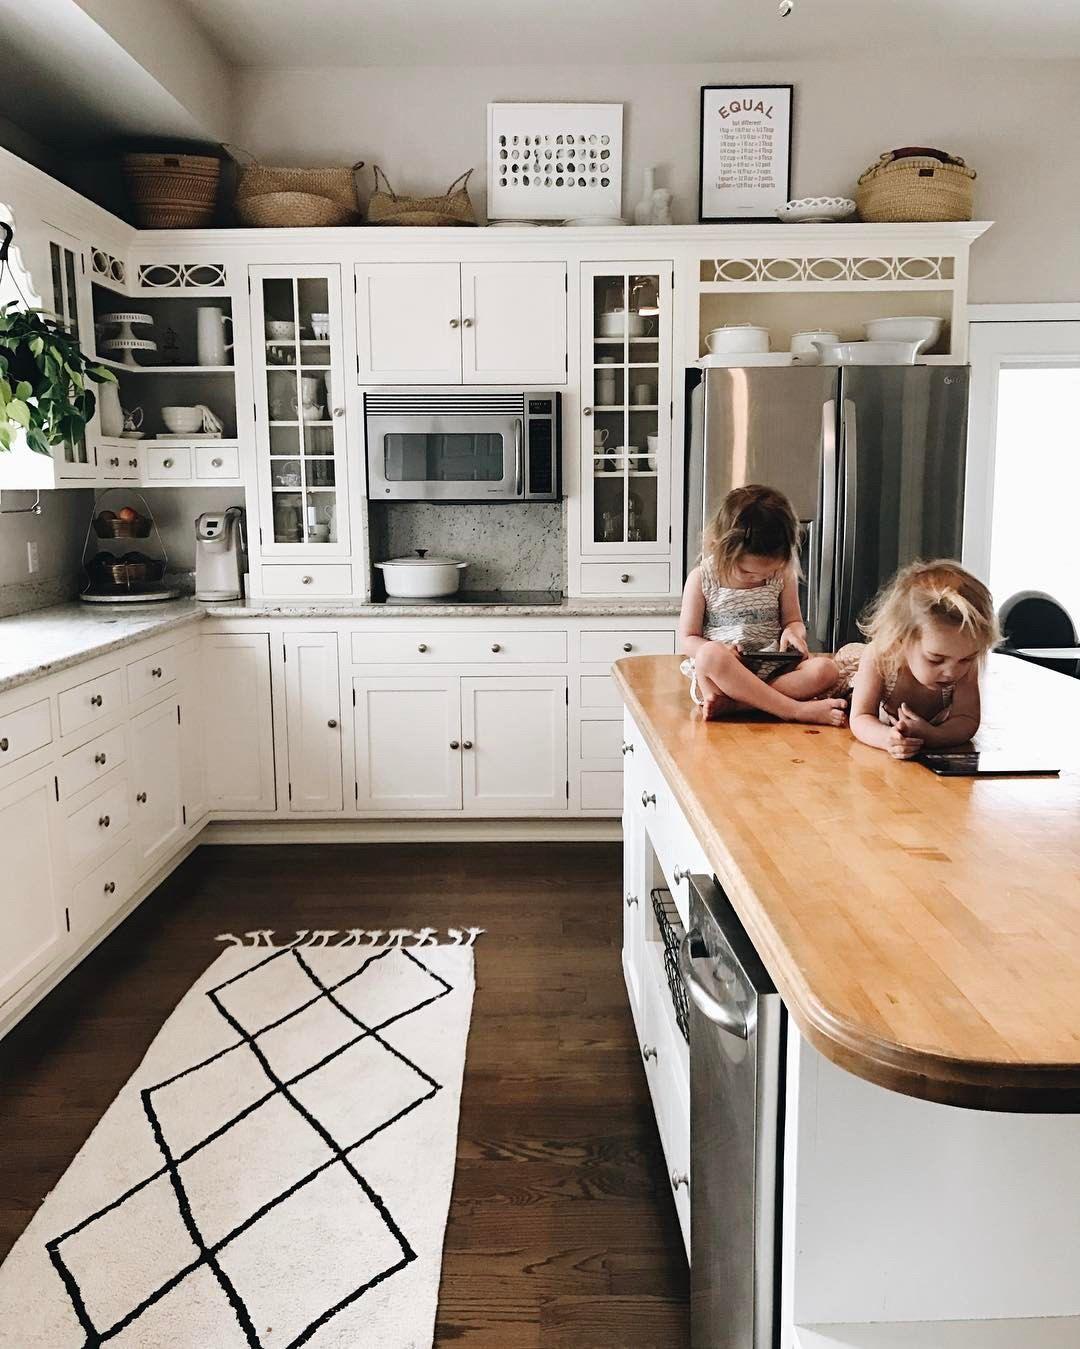 Pin von DalitaandHenry Jackson auf Briarpatch Kitchen | Pinterest ...